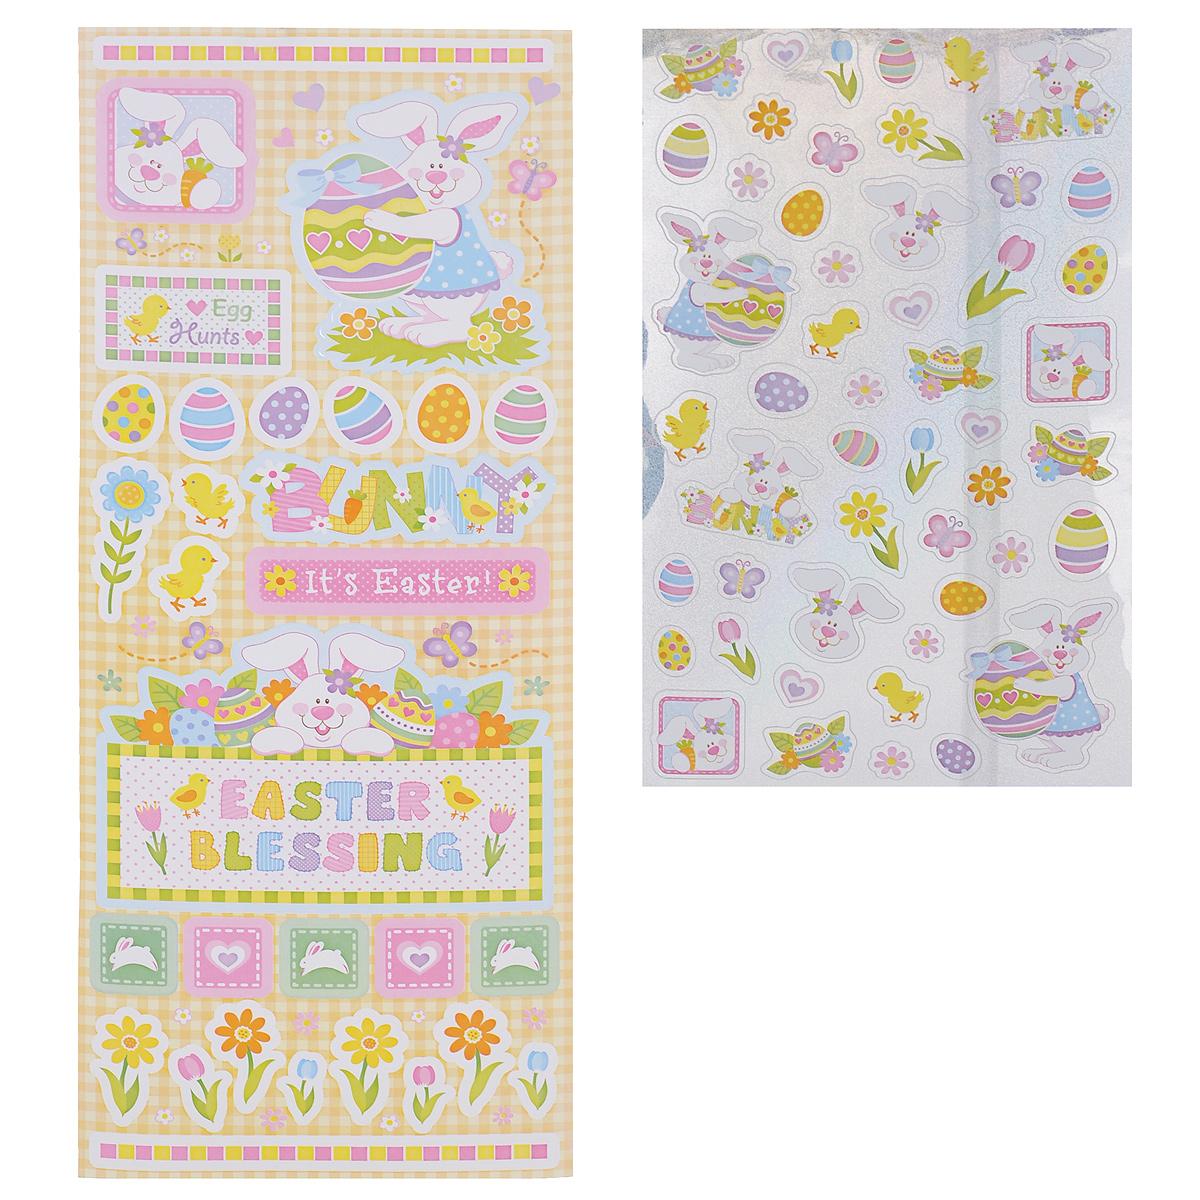 Фото - Набор декоративных наклеек Home Queen Кролики, в ассортименте, 80 шт набор переводных наклеек для яиц home queen пасха 6 шт